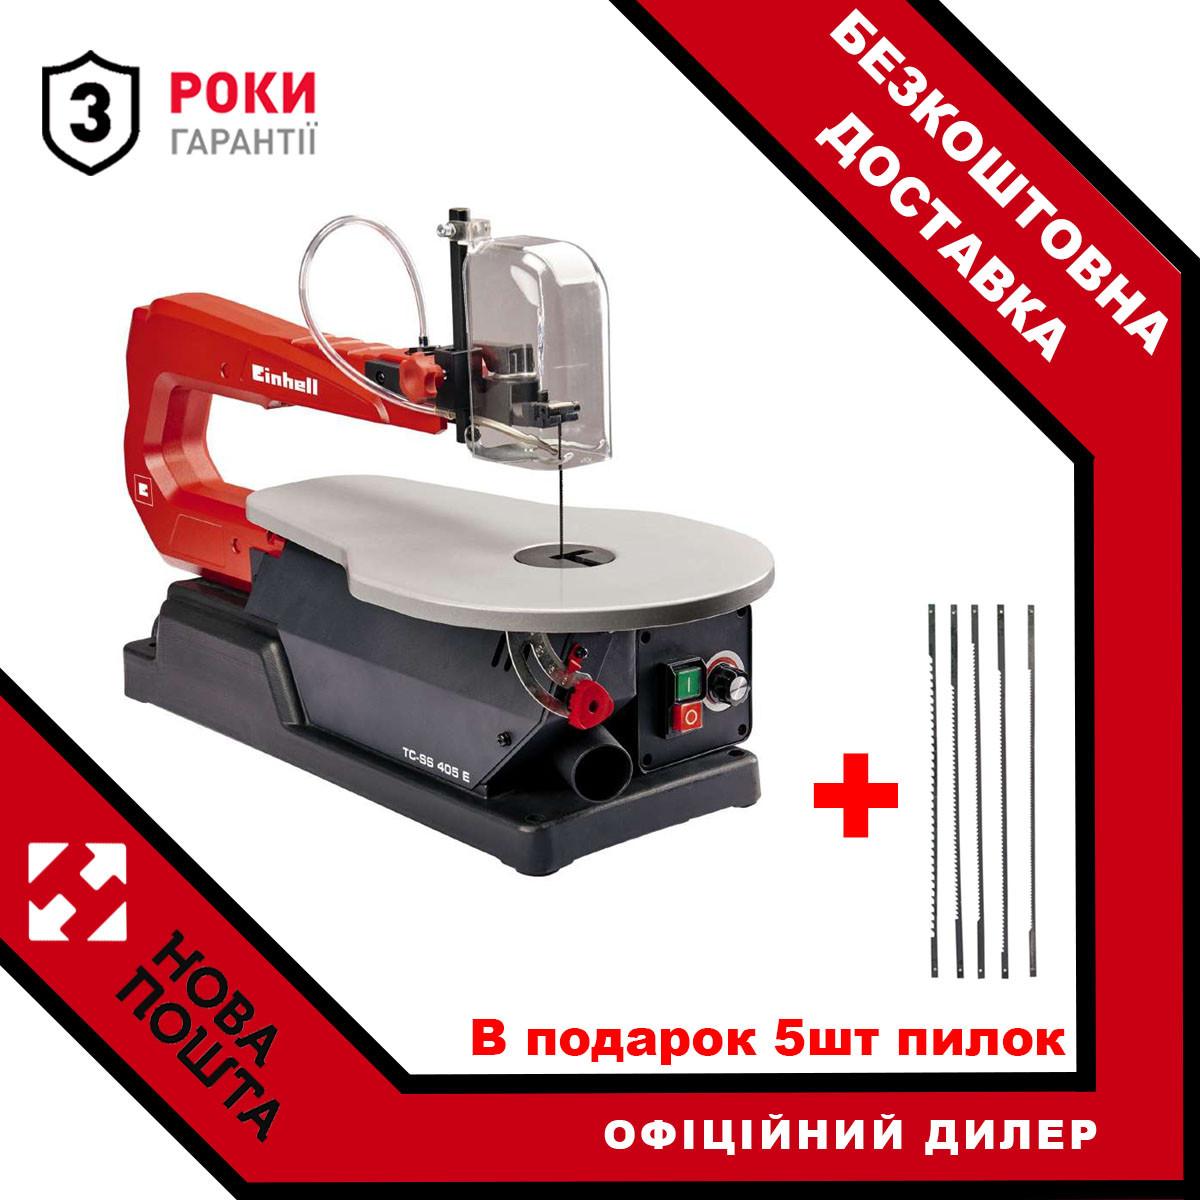 Пилка-лобзик Einhell TC-SS 405 E (4309040) + Комплект пилок до пили-лобзику 5шт